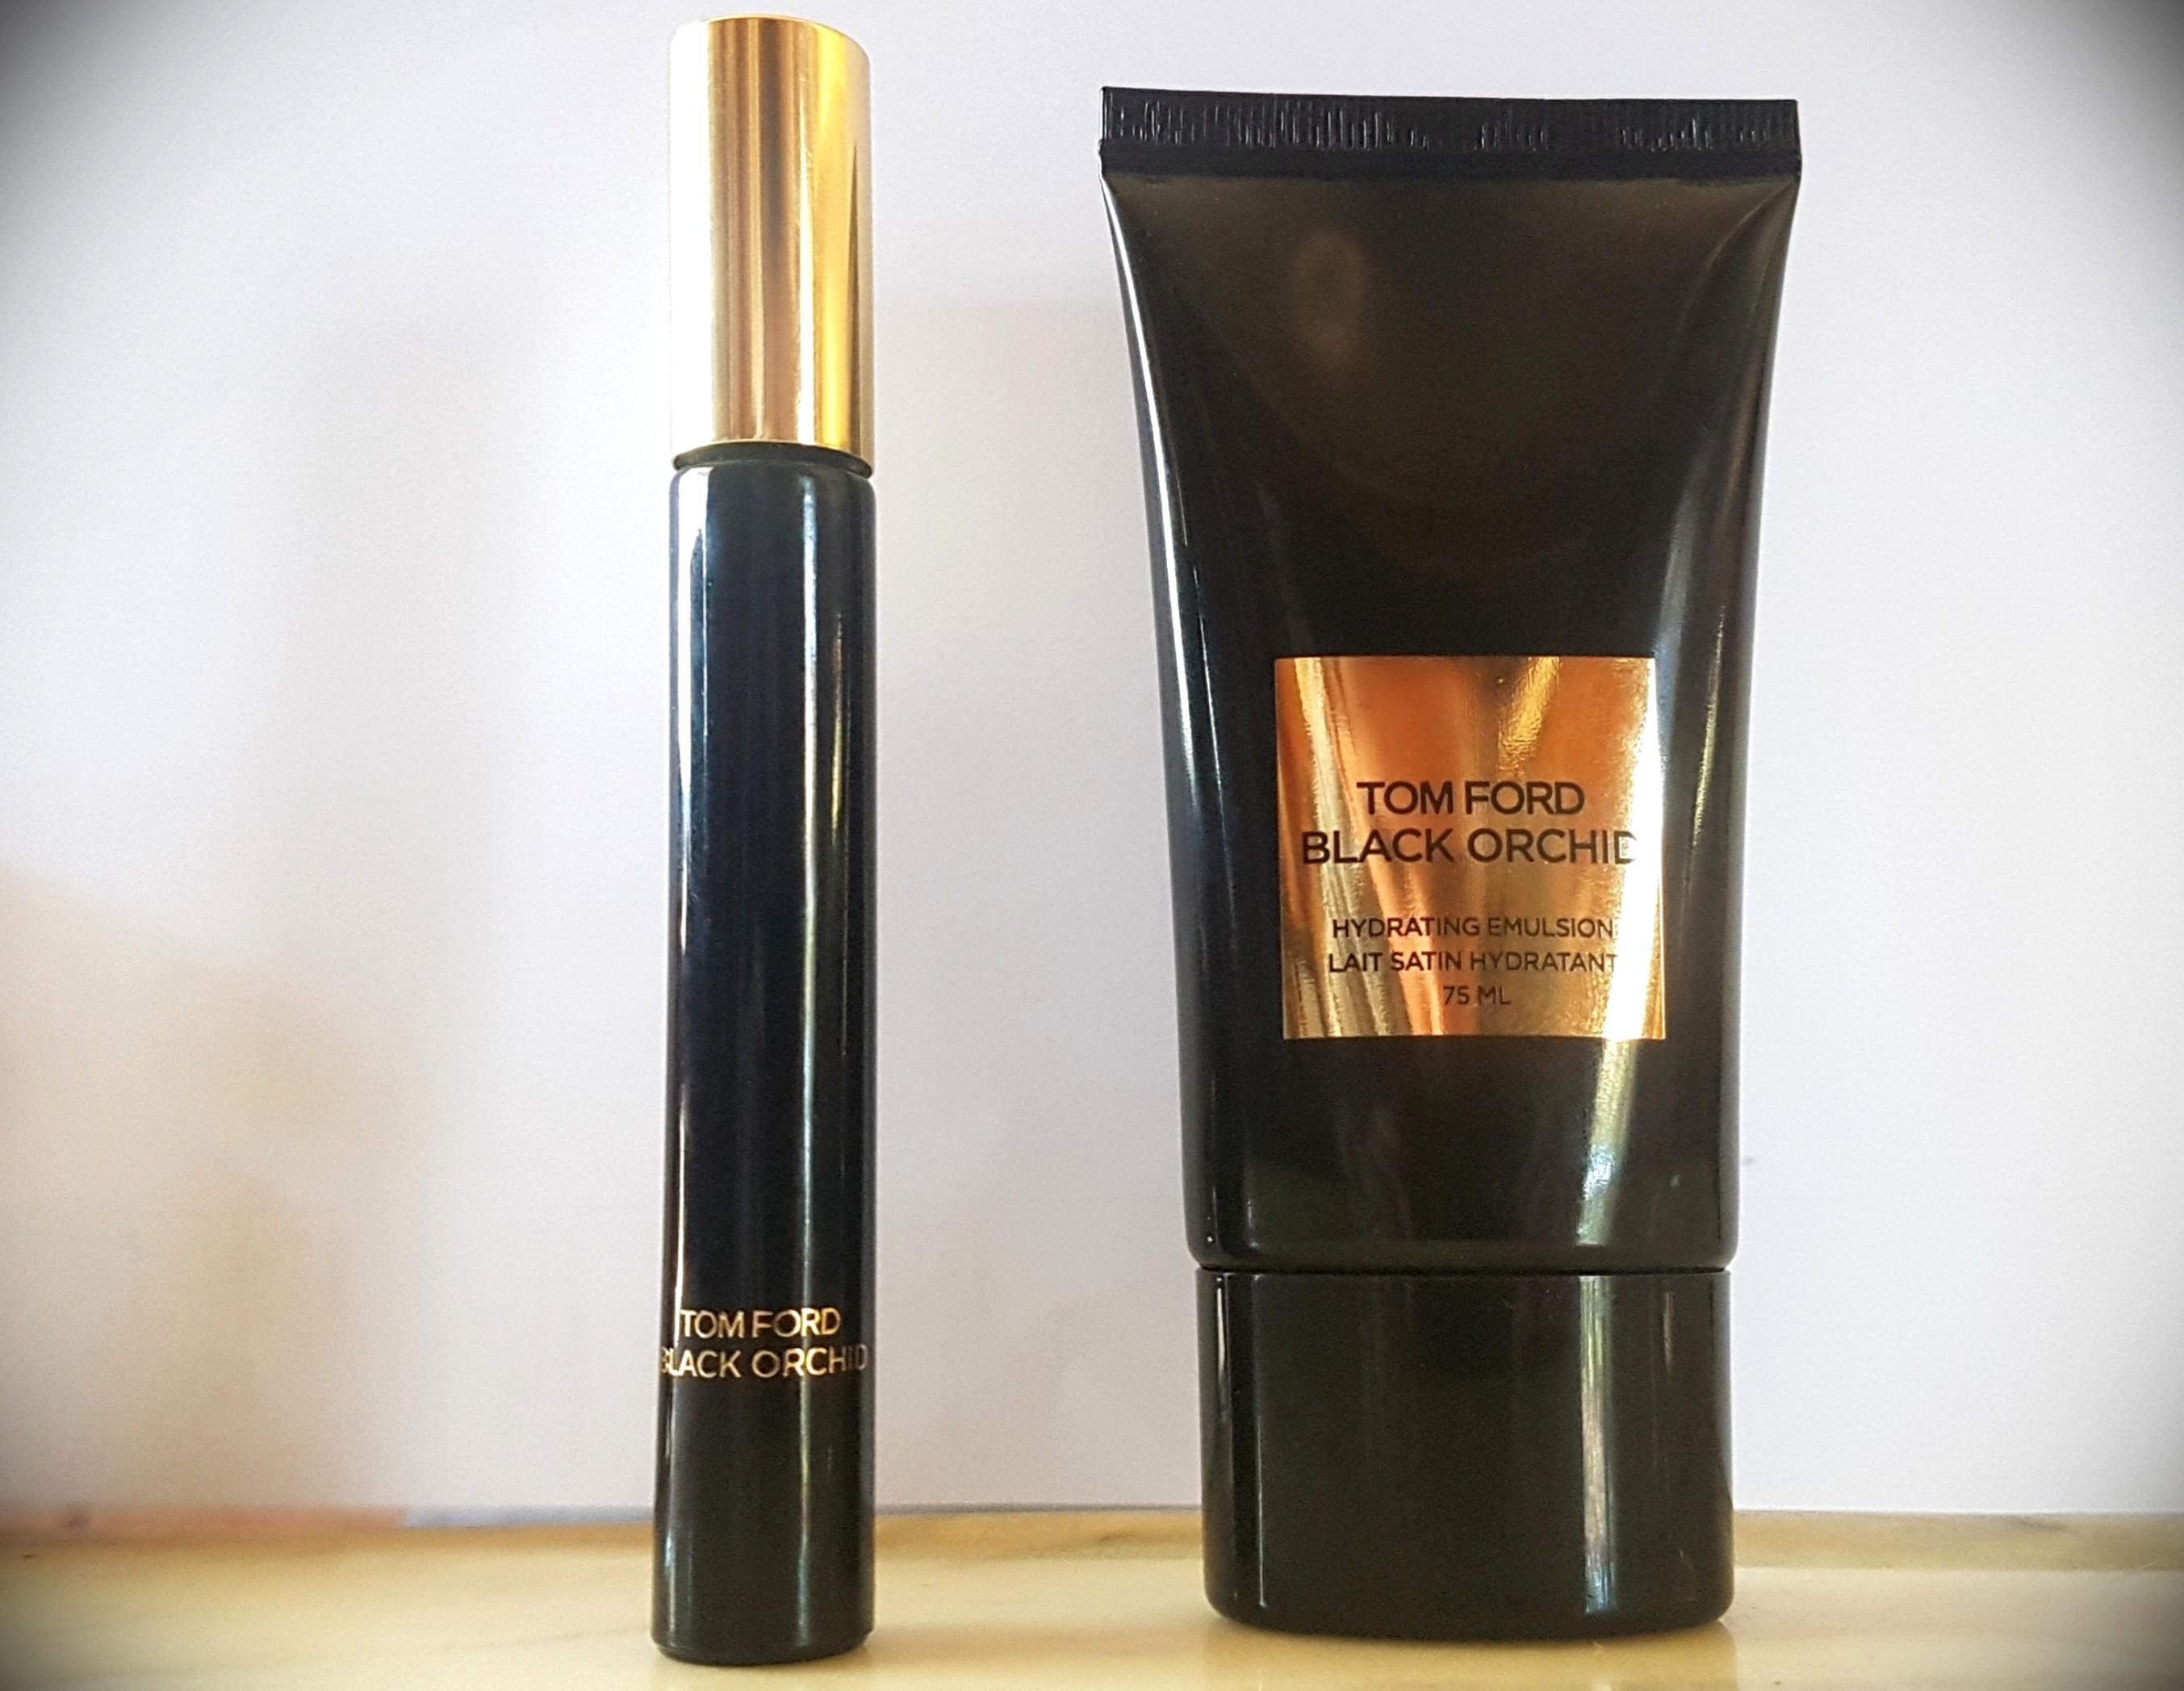 Tom Ford Black Orchid Touch Point Roller & Moisturiser 99% Full